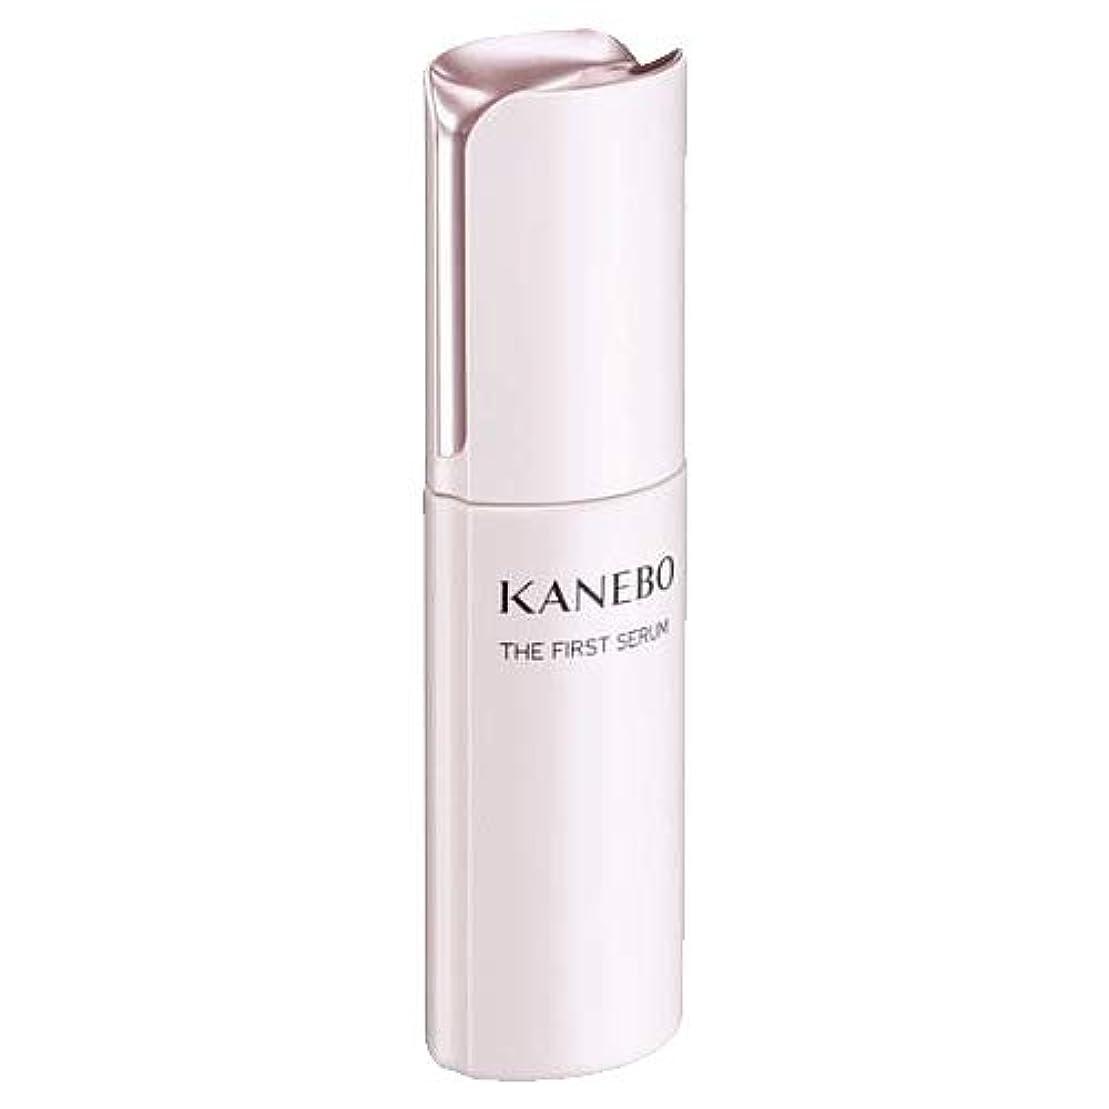 ガラス推測する組み合わせカネボウ KANEBO 美容液 ザ ファースト セラム 60ml [並行輸入品]